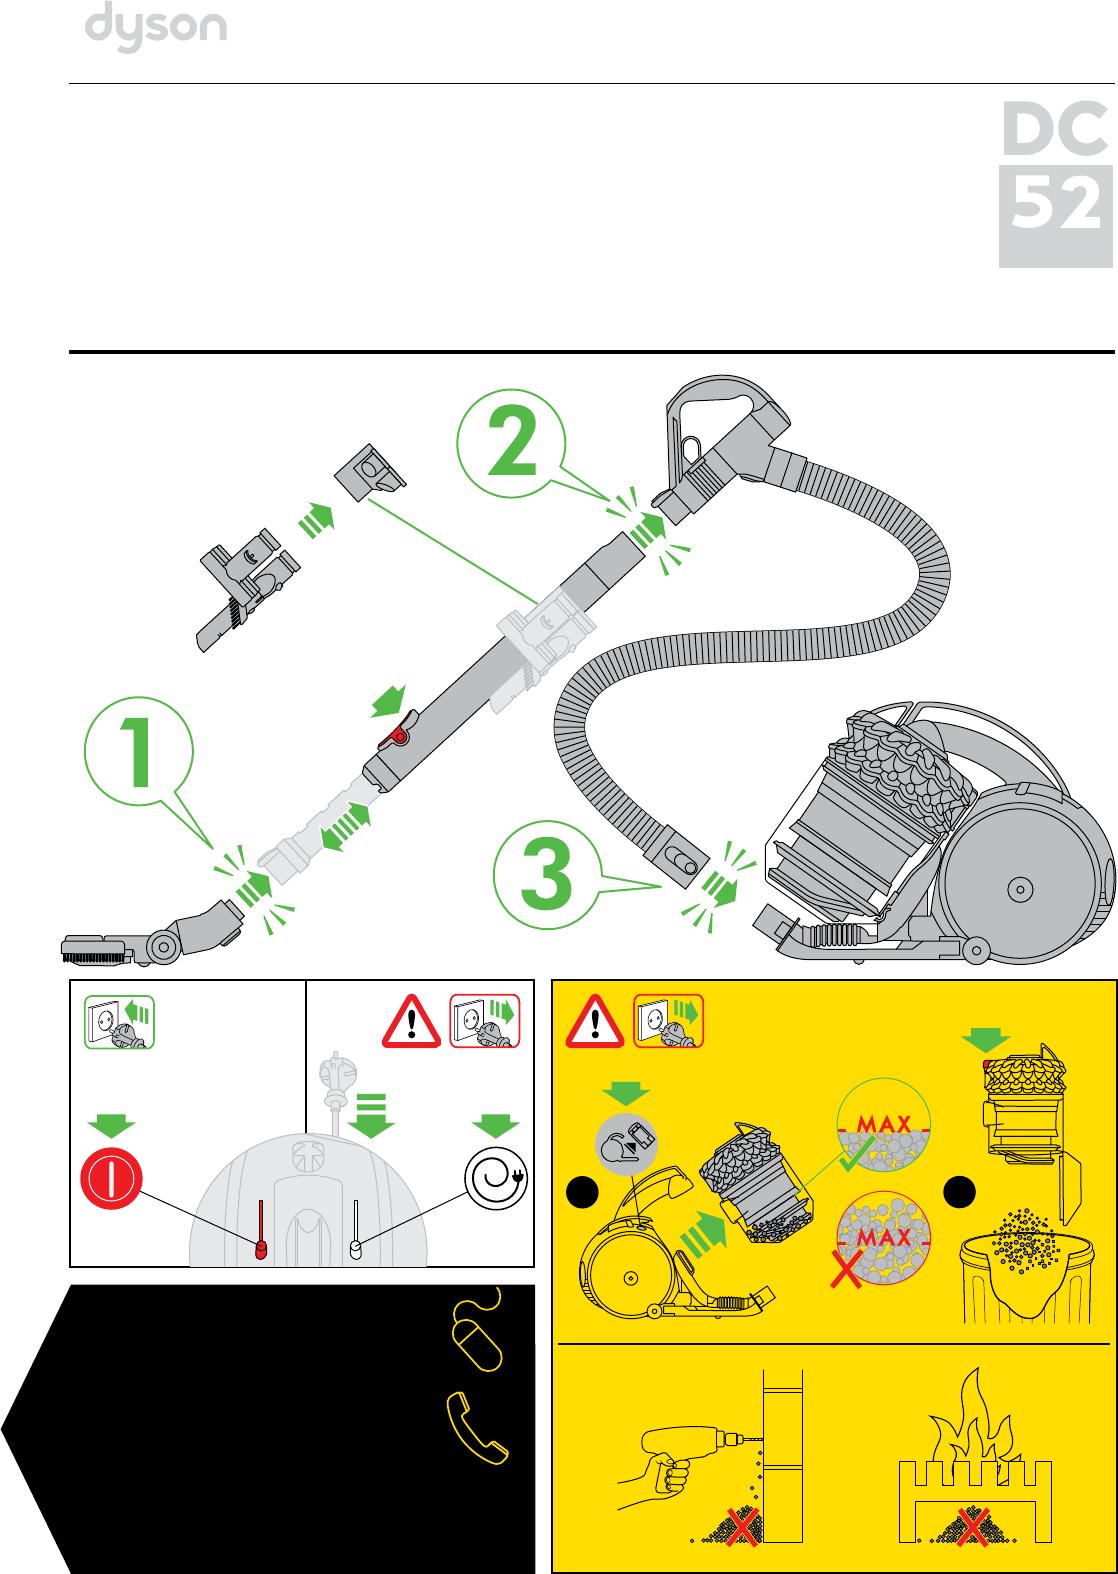 Пылесос дайсон 52 инструкция по применению дайсон юлмарт